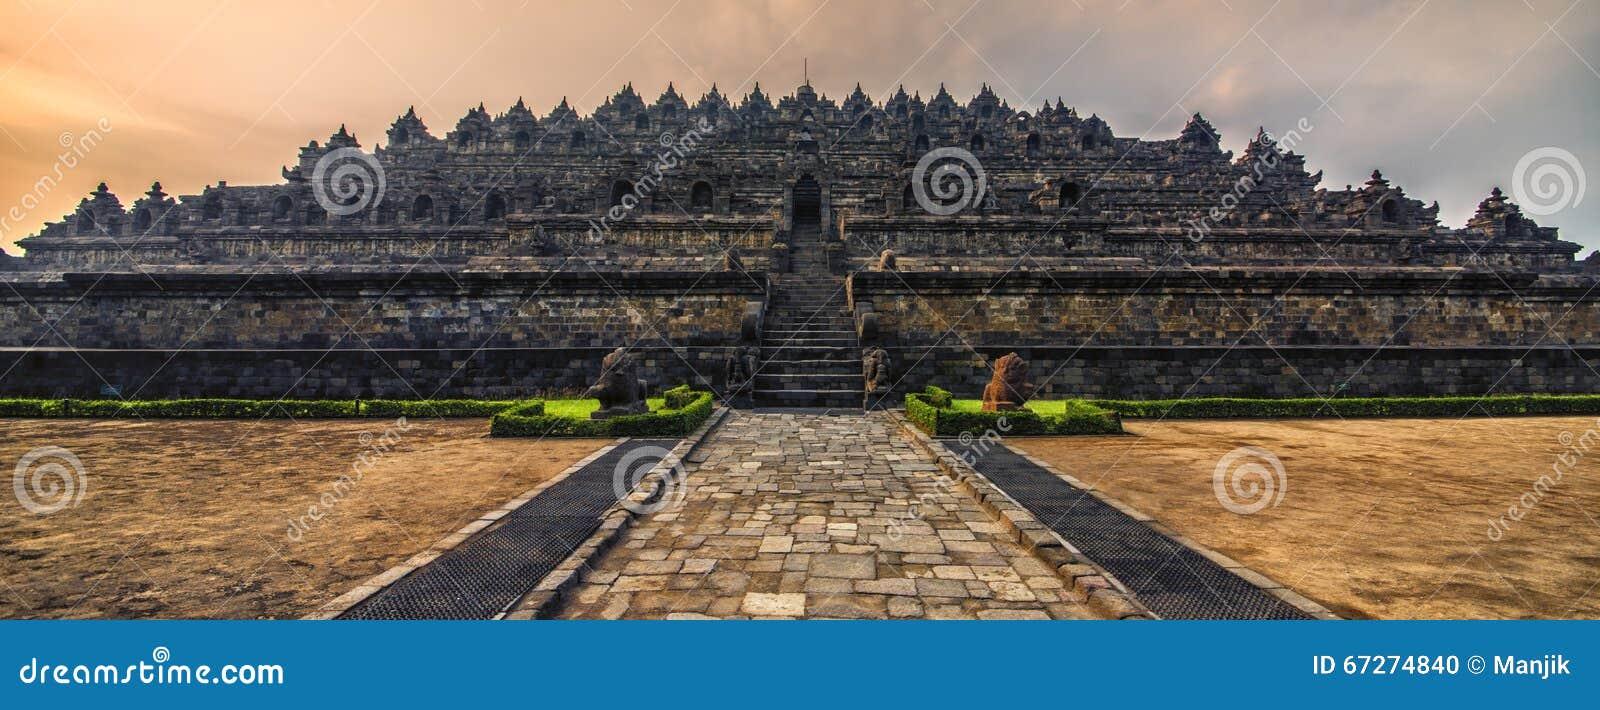 Borobudur świątynia w Jawa